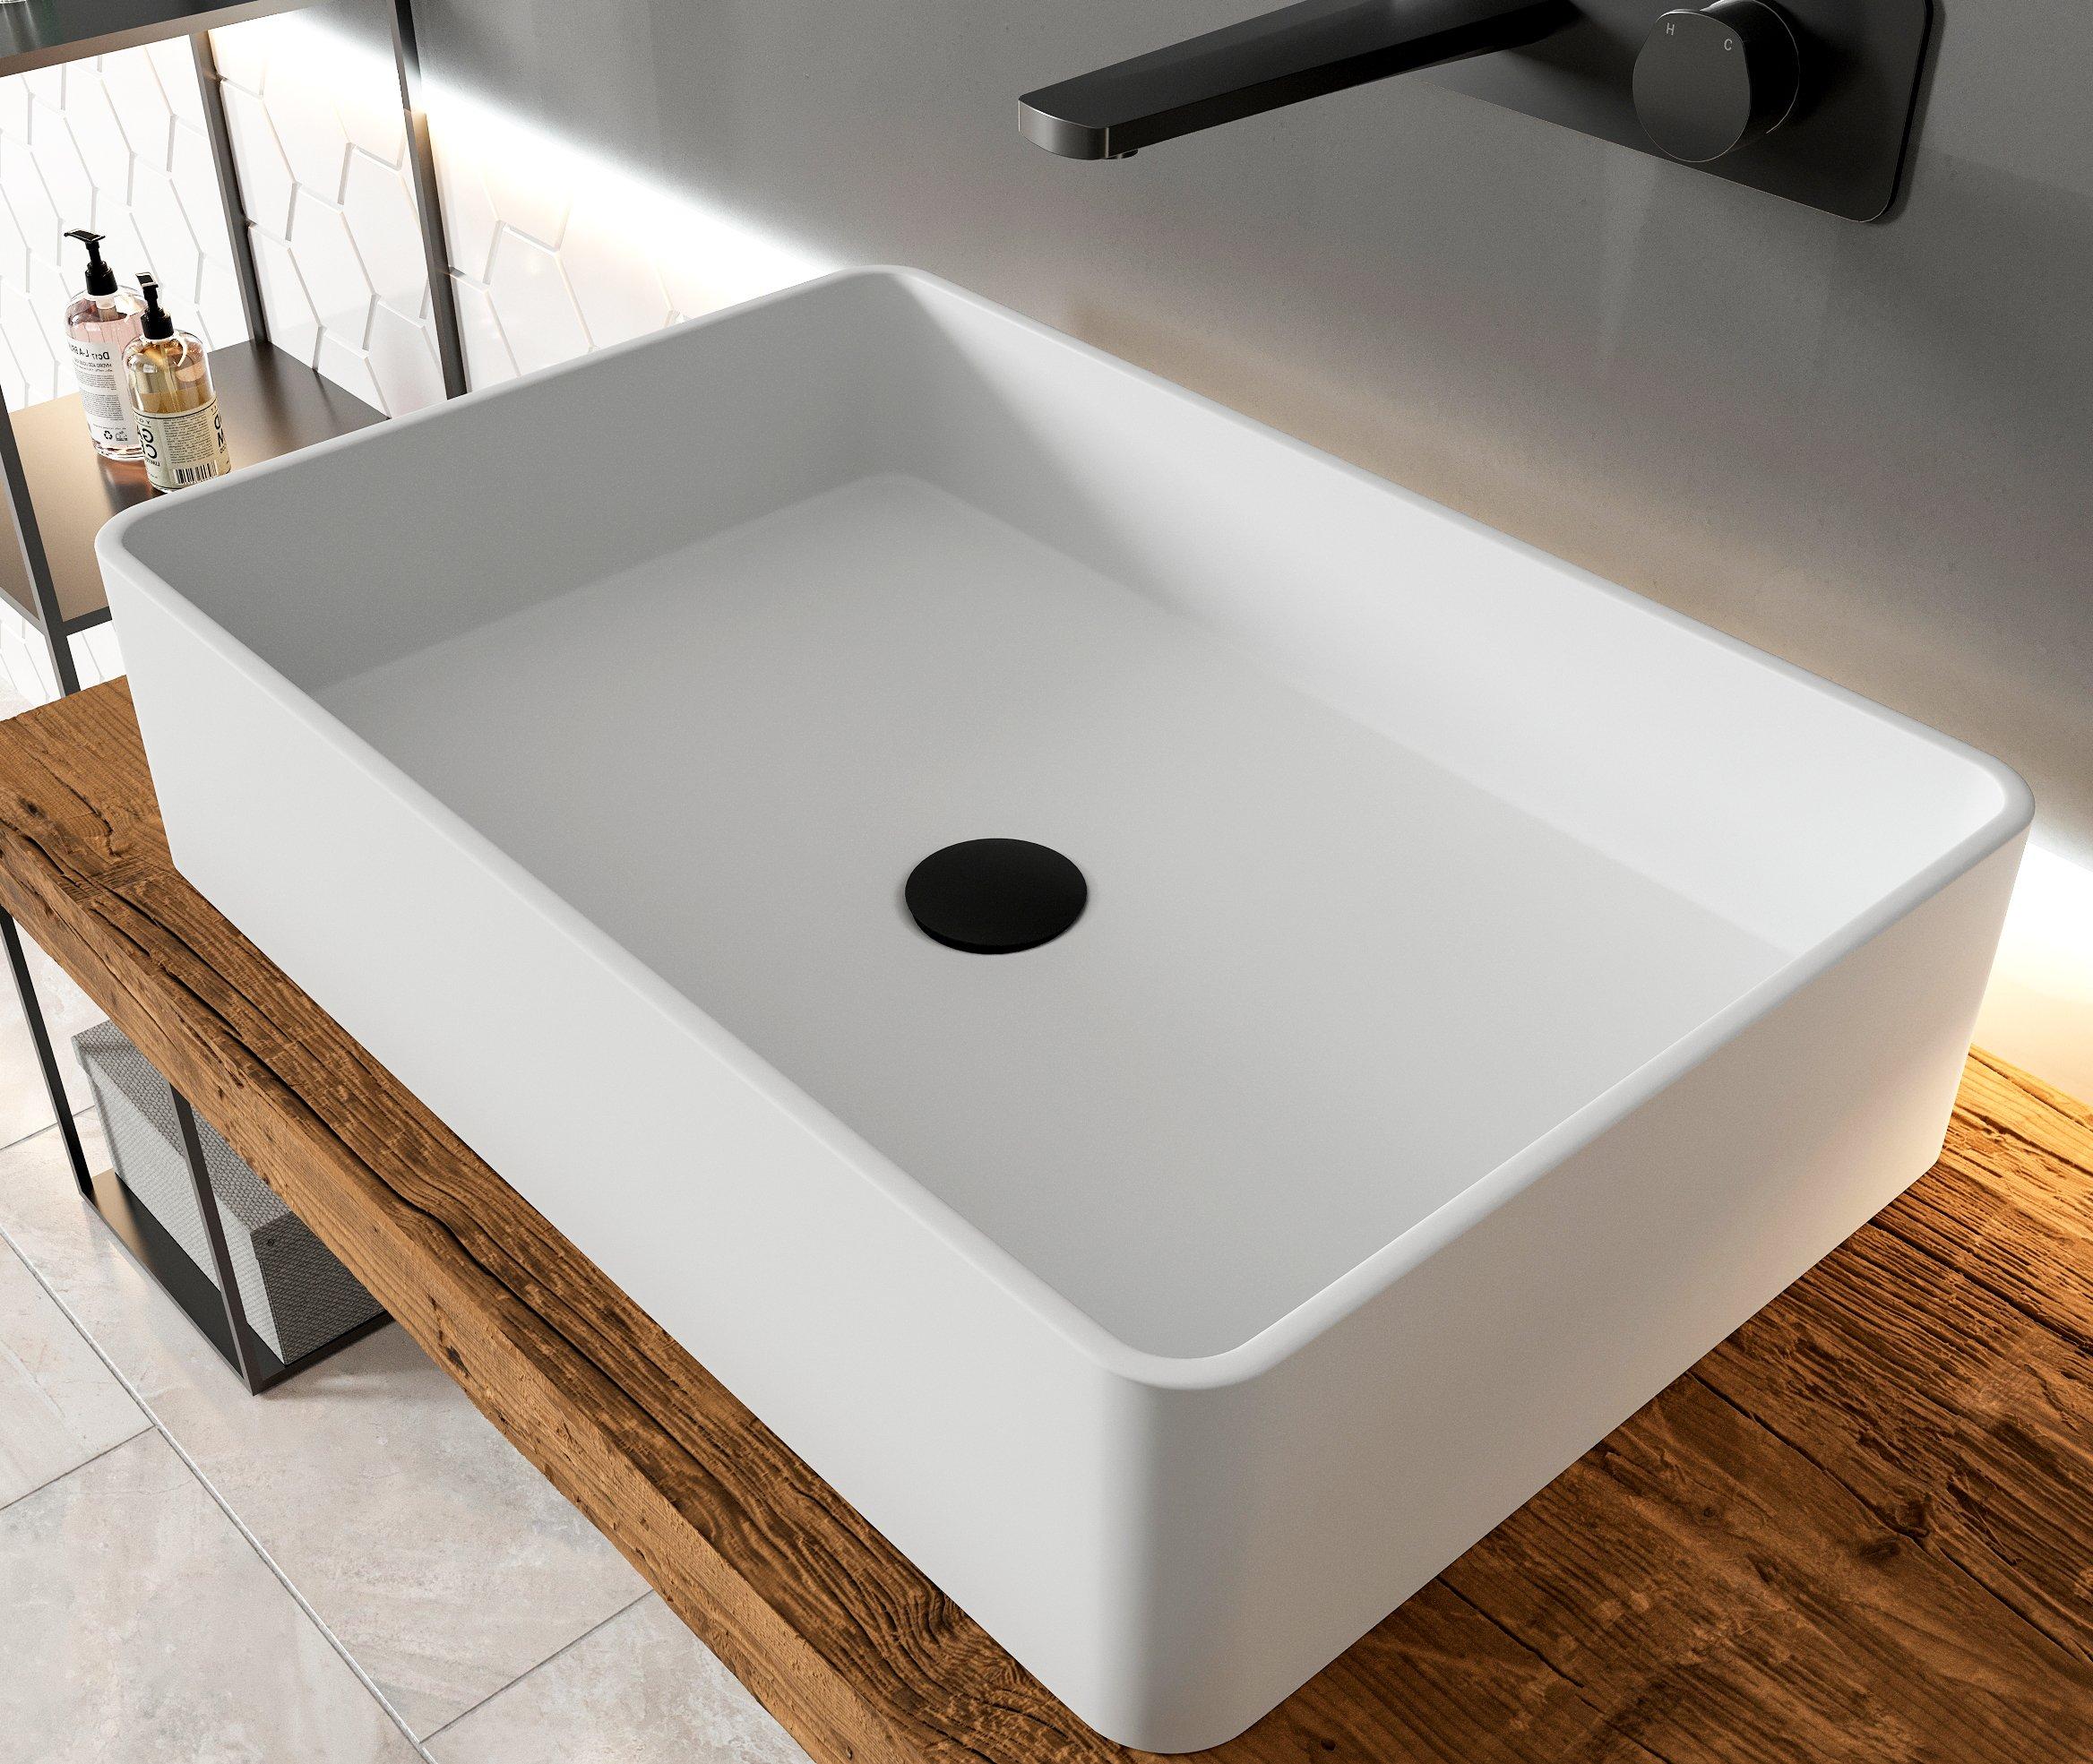 Aufsatzbecken Aufsatz-Waschbecken Rechteck PB2012 - Design geradlinig - 60 x 40 x 15 cm zoom thumbnail 4